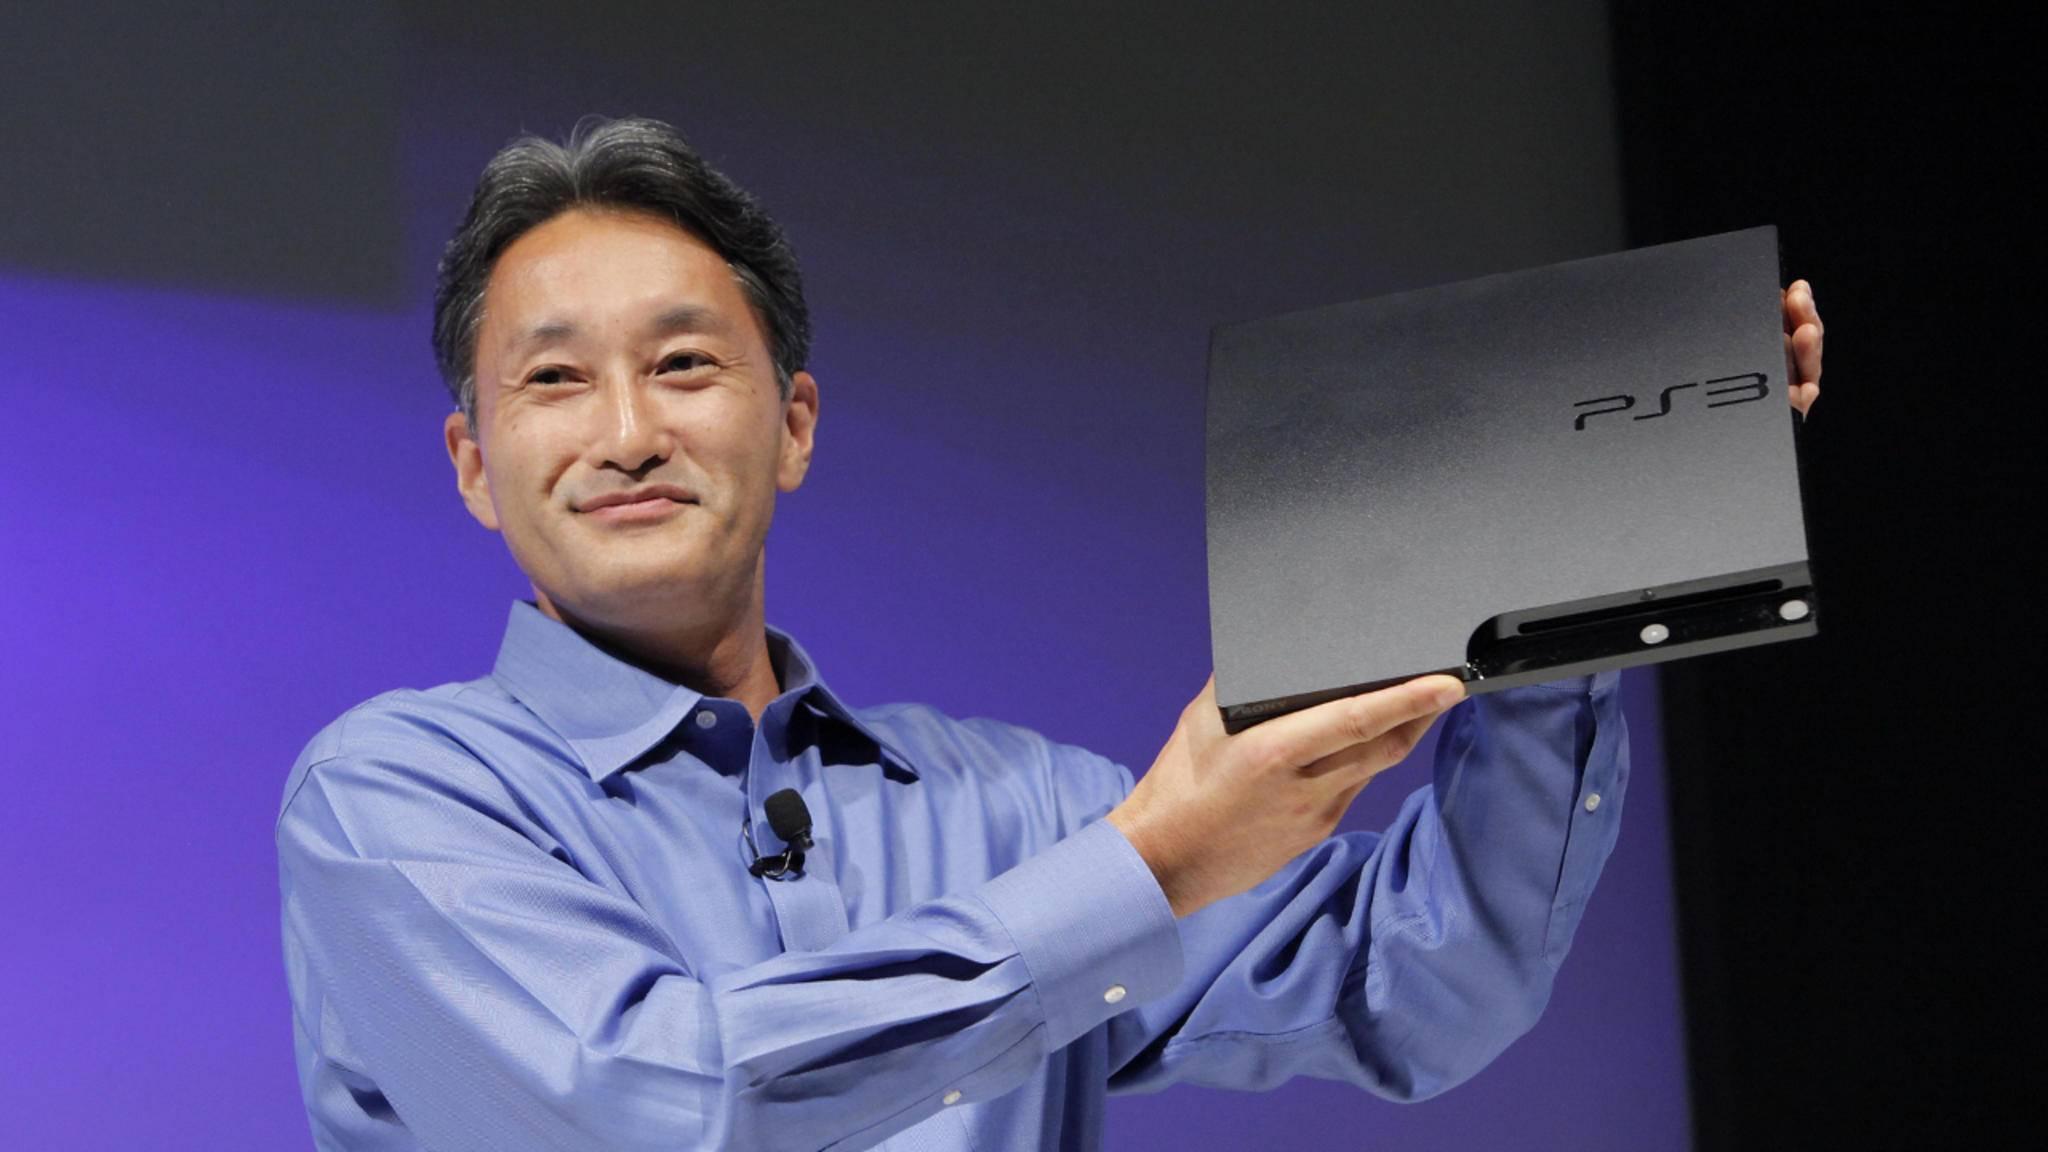 Die PlayStation 3 wird ab sofort nicht mehr in japanischen Fabriken produziert.